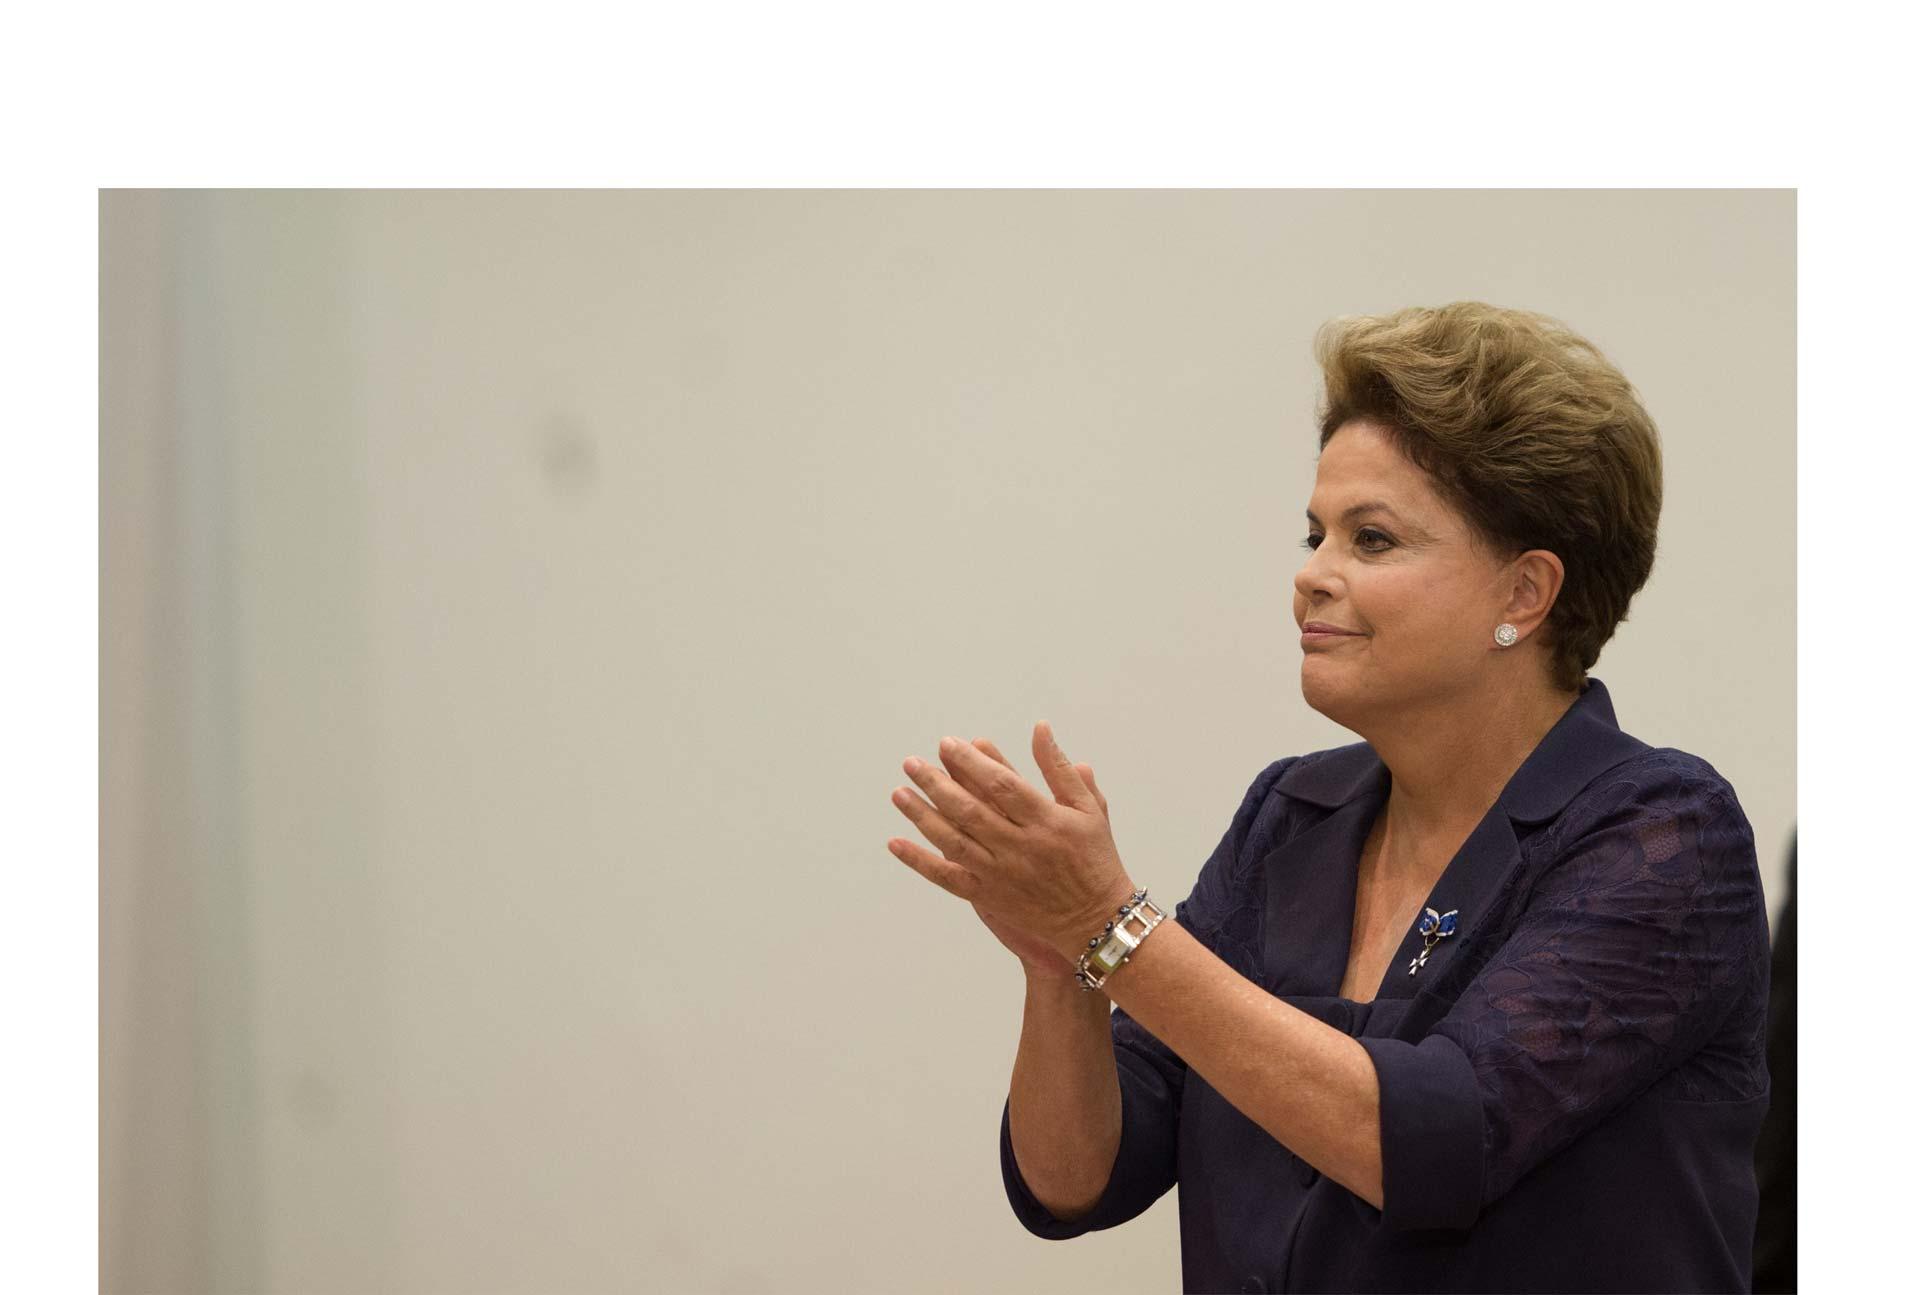 Con la inyección de un nuevo paquete, la presidenta Rousseff busca mejorar la situación actual del país